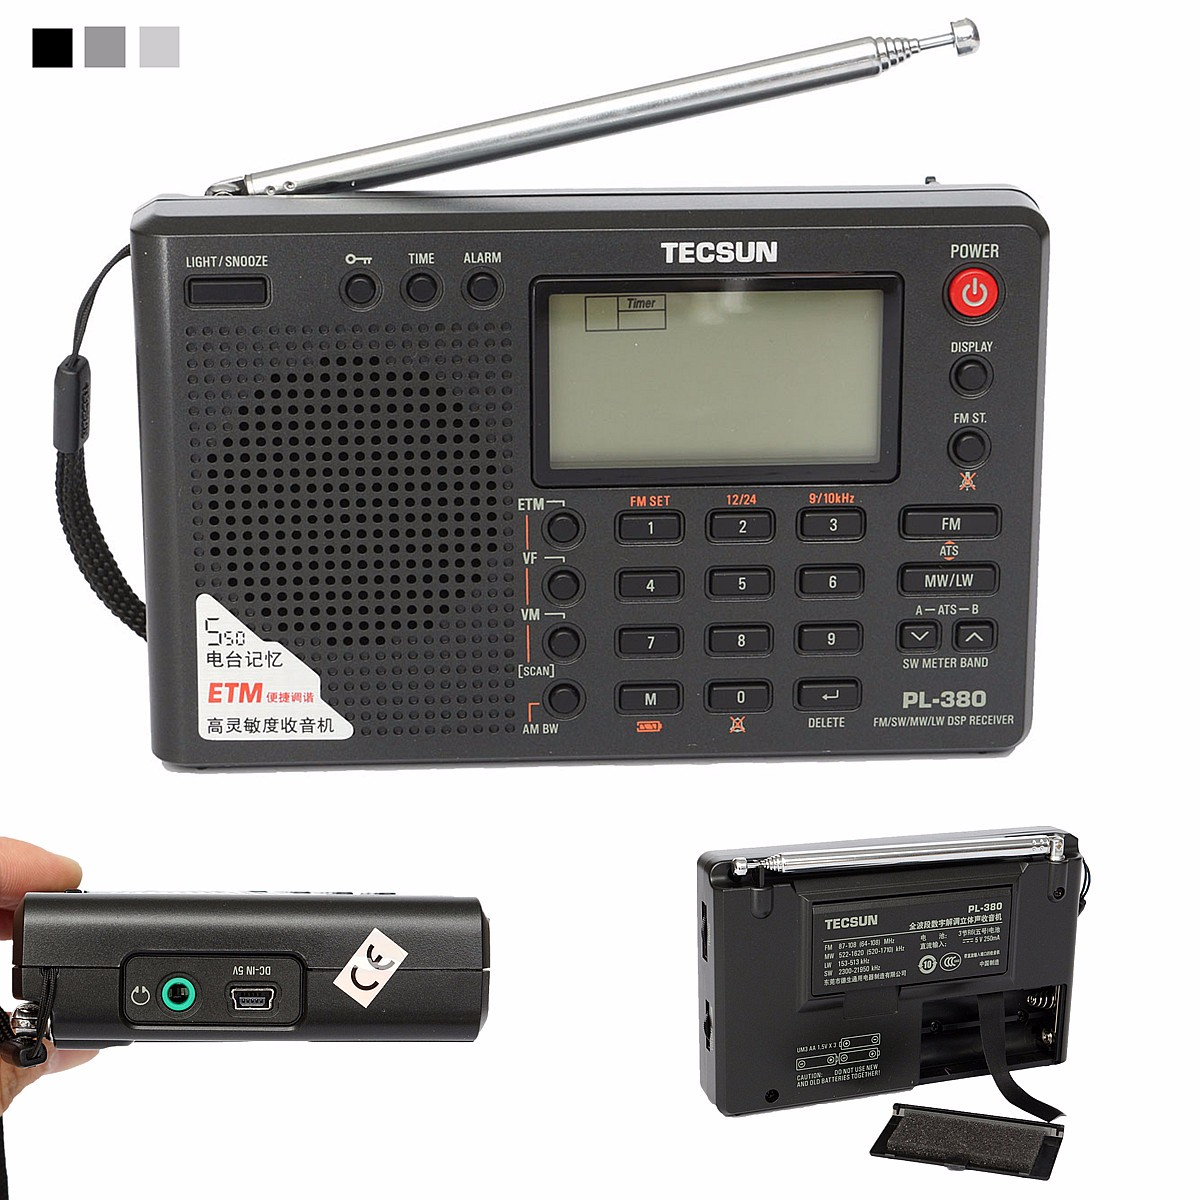 TECSUN PL-380 DSP PLL FM MW SW LW Radio stéréo numérique récepteur bande du monde nouveau 3 couleurs 7 Mode de réglage sélectionnable 135x86x29mm